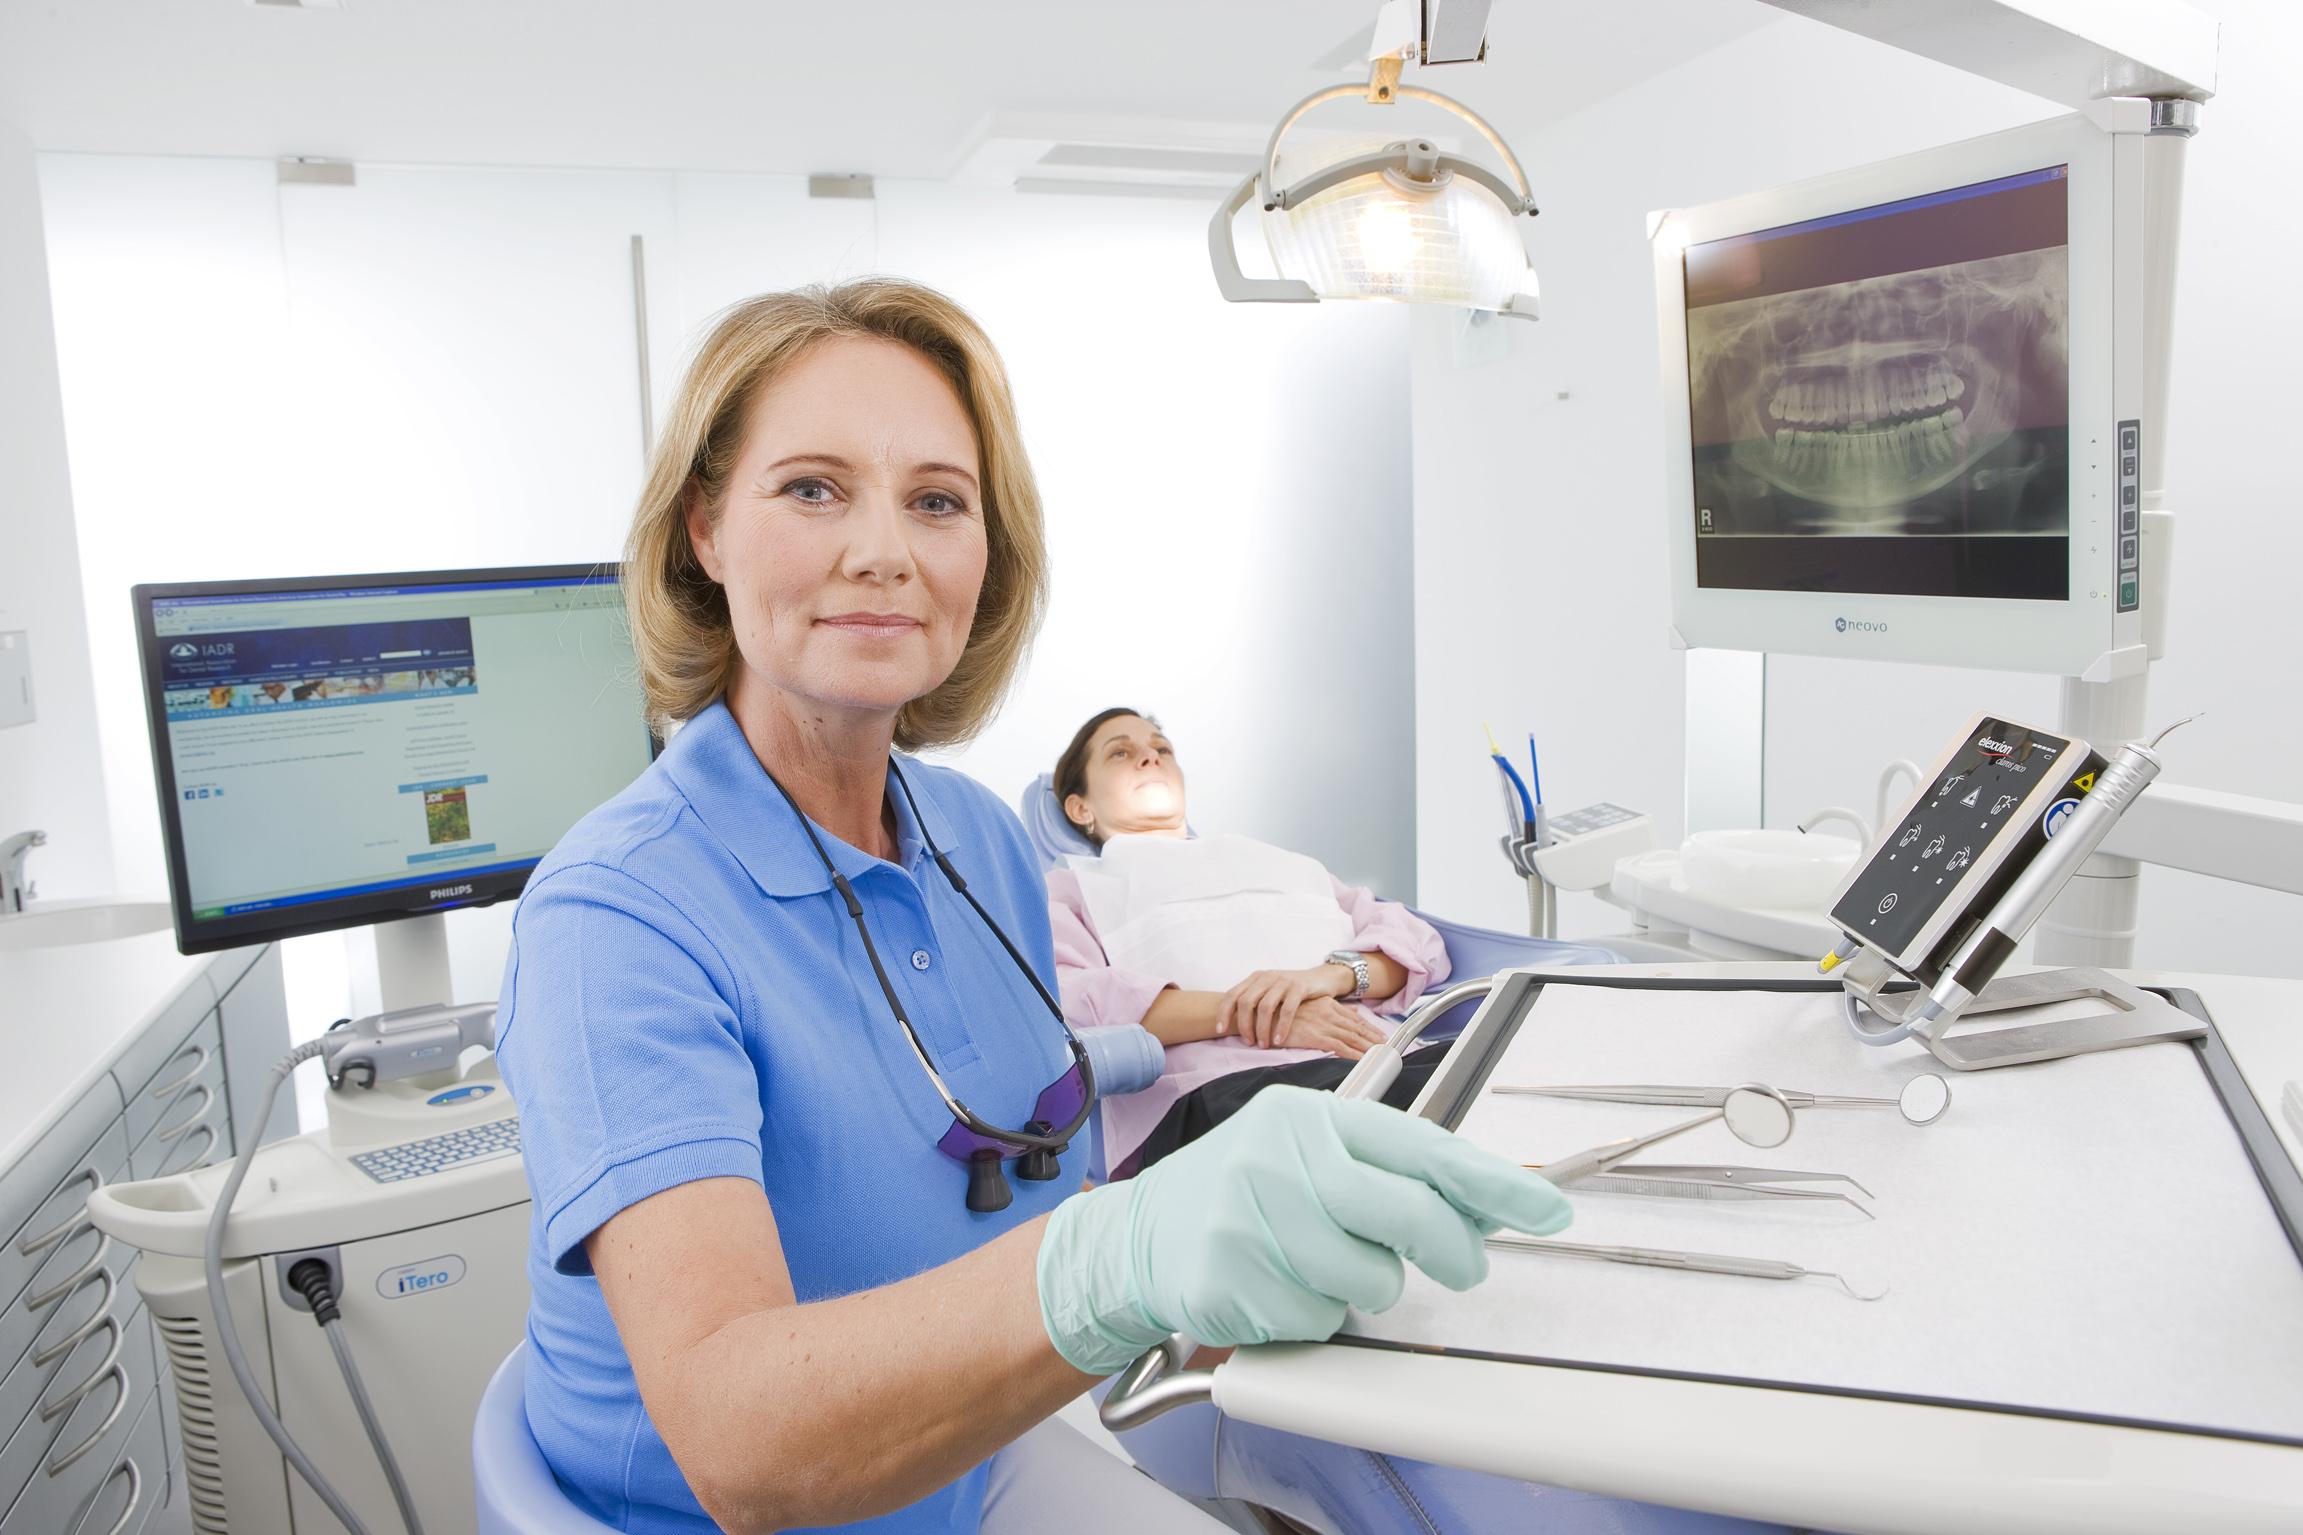 Dentista como a melhor profissão de 2015